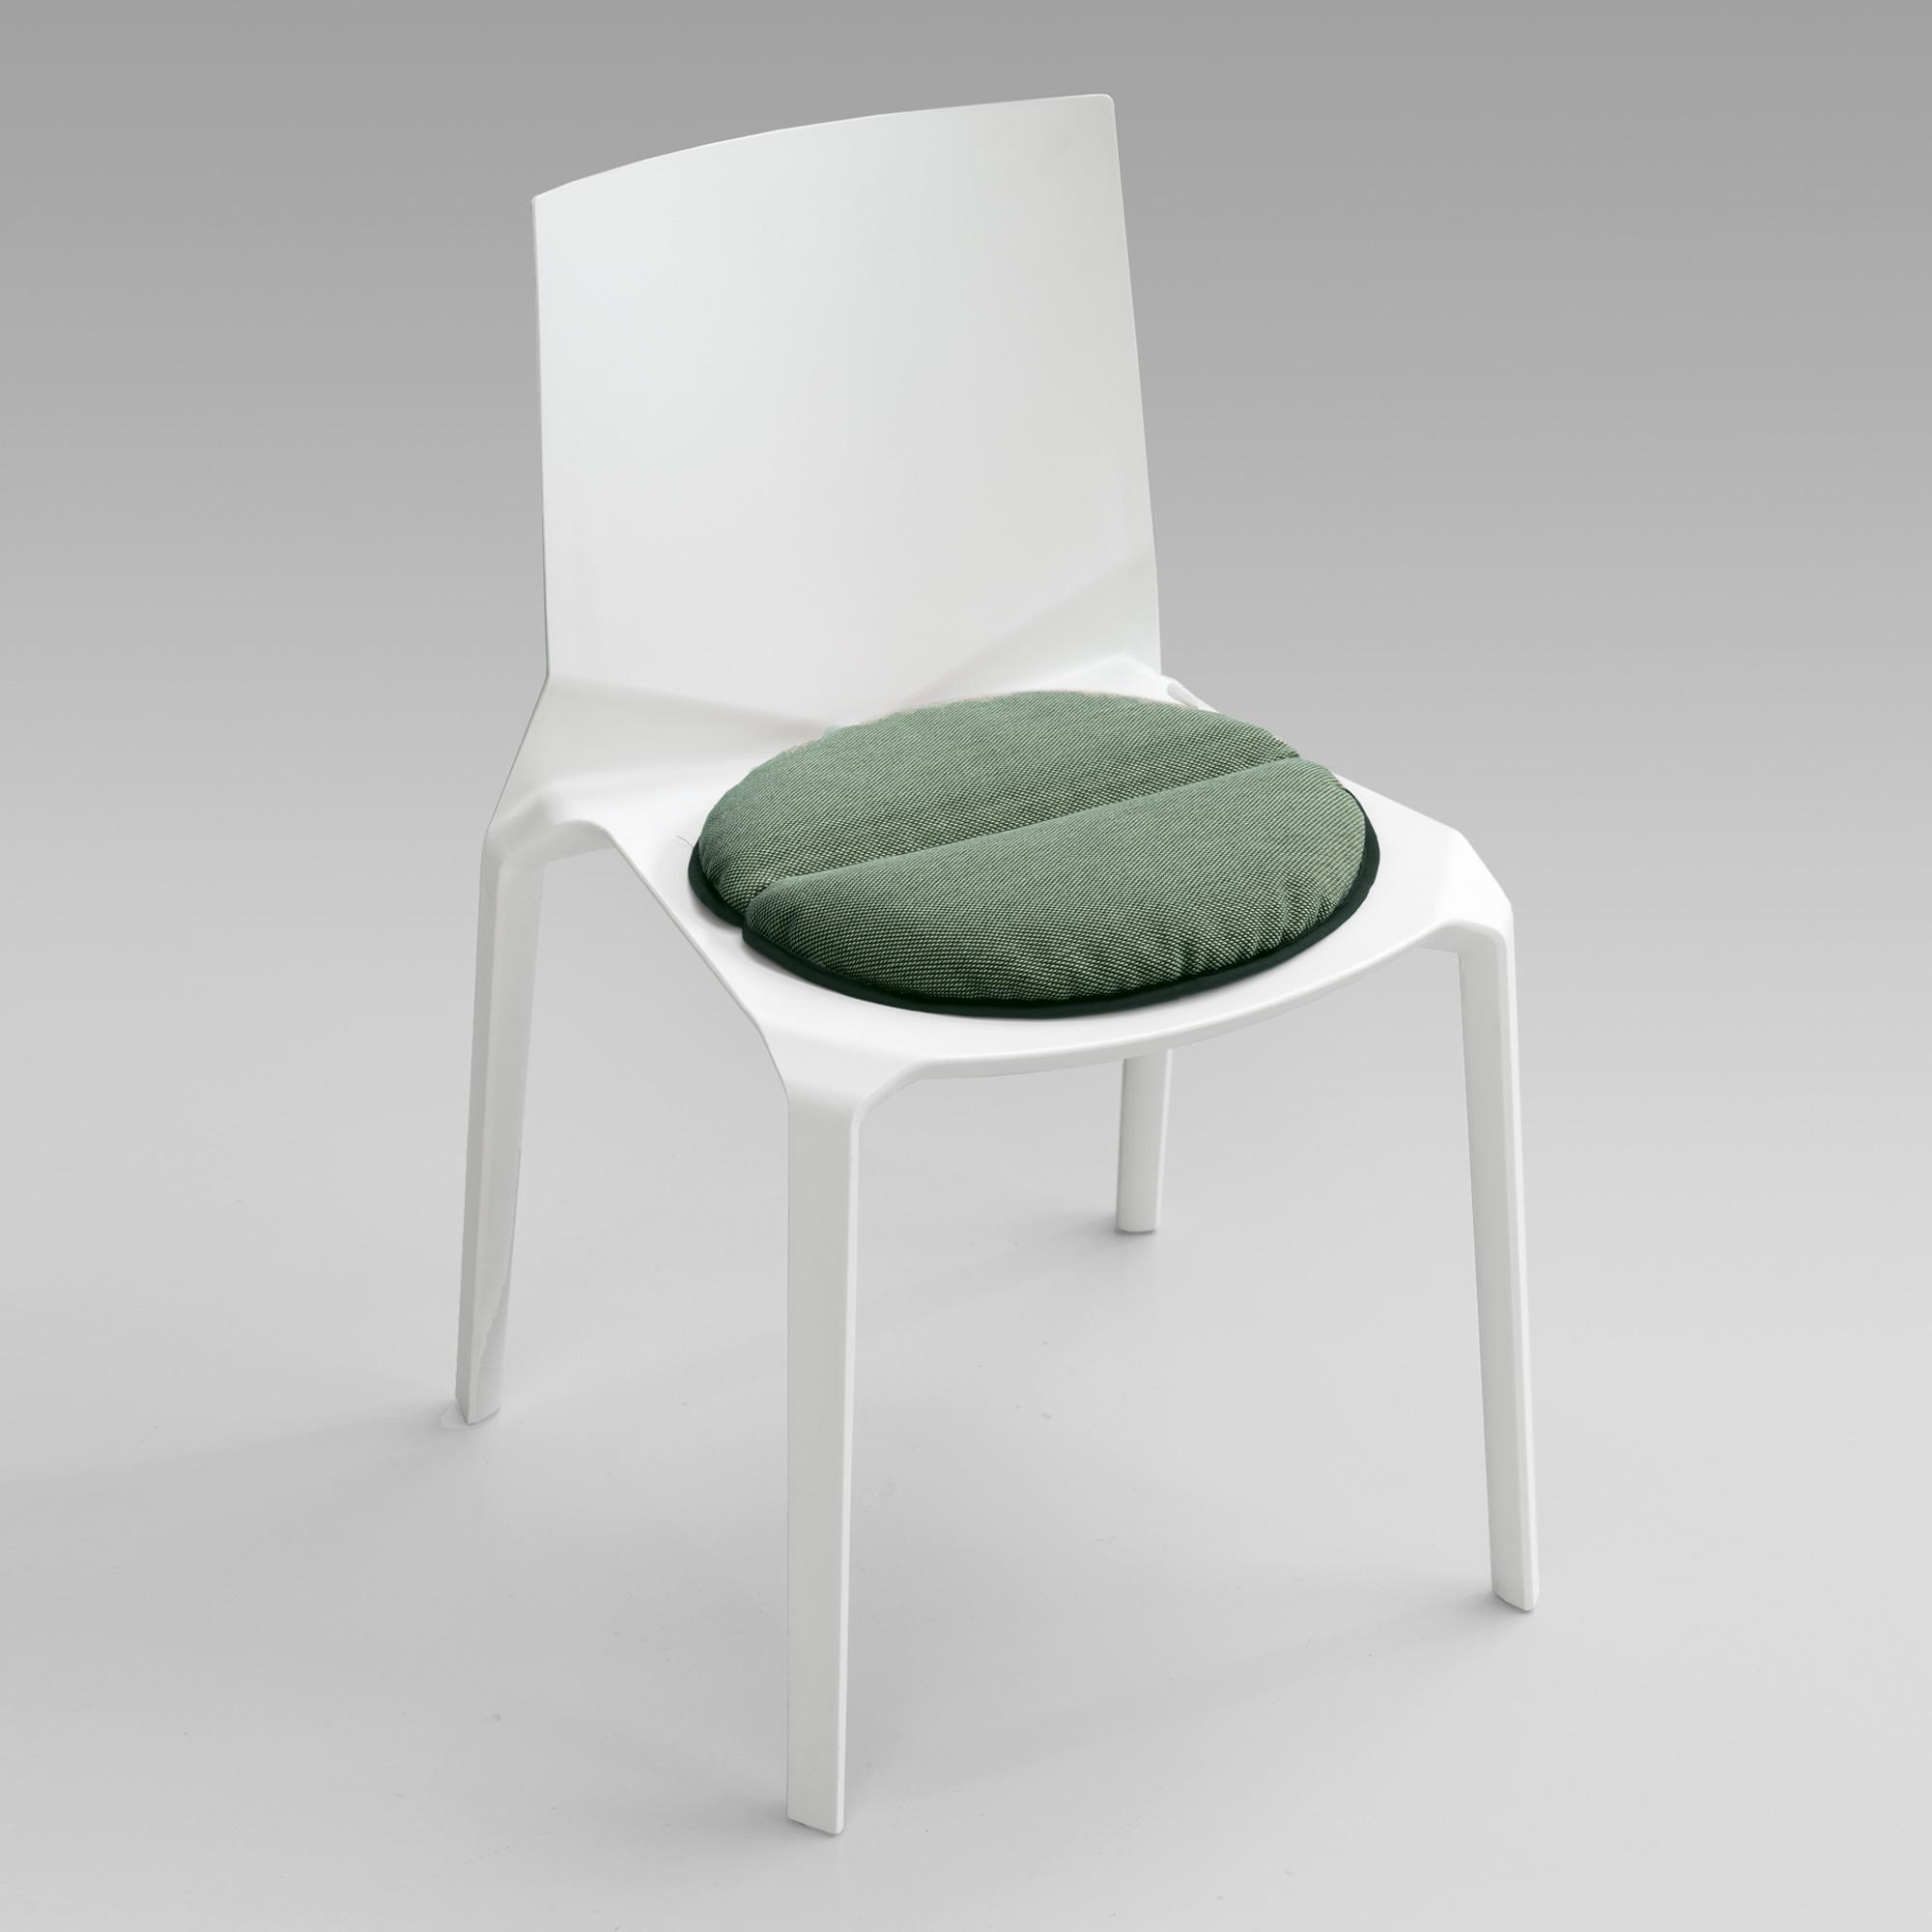 kristalia plana stuhl 05pln01pp01 reuter onlineshop. Black Bedroom Furniture Sets. Home Design Ideas